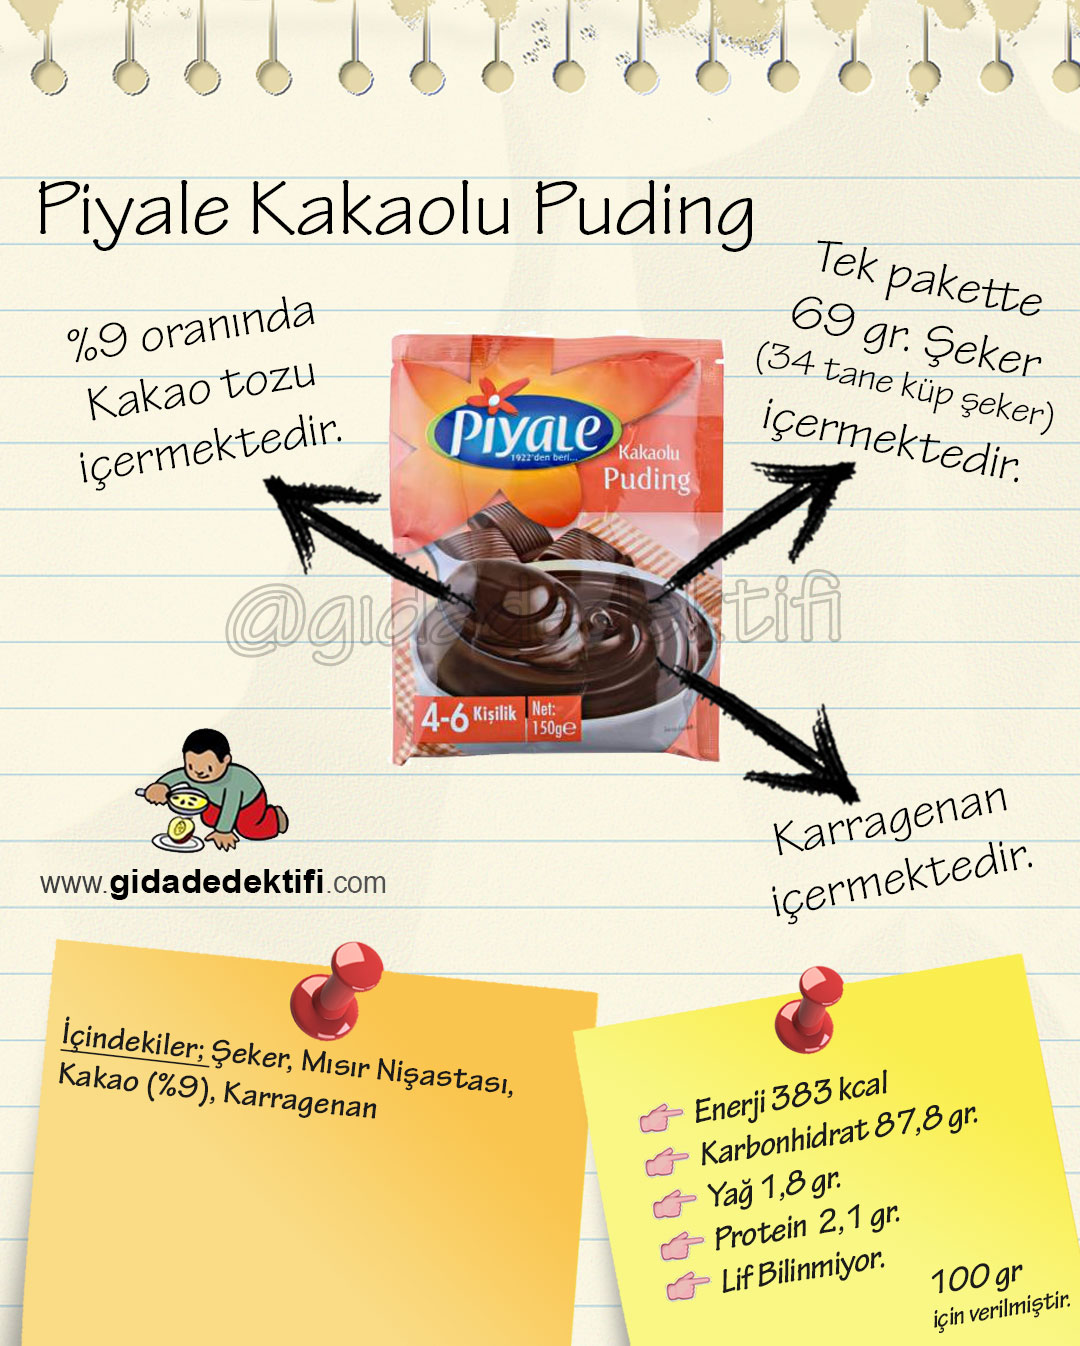 Piyale-Puding-ürün-incelemesi.jpg